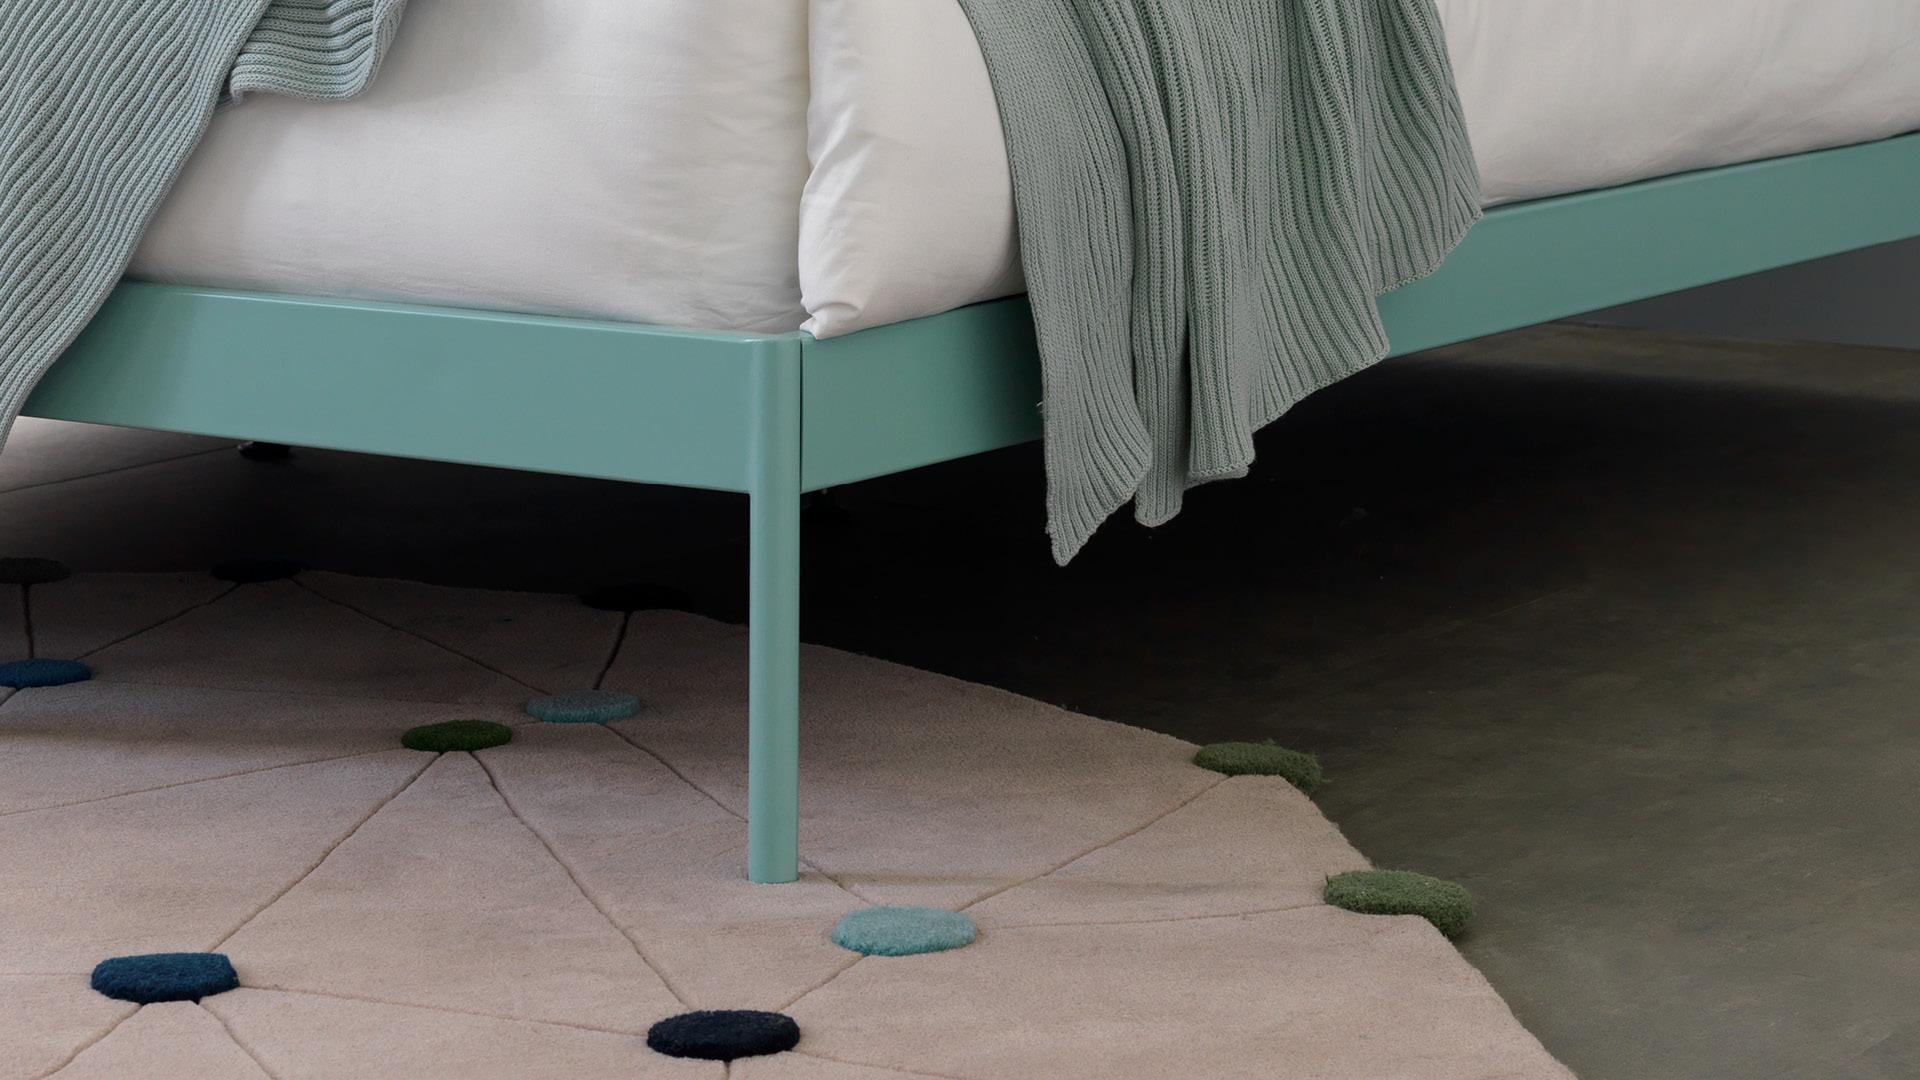 床下大空間,方便儲物或掃地機器人進出